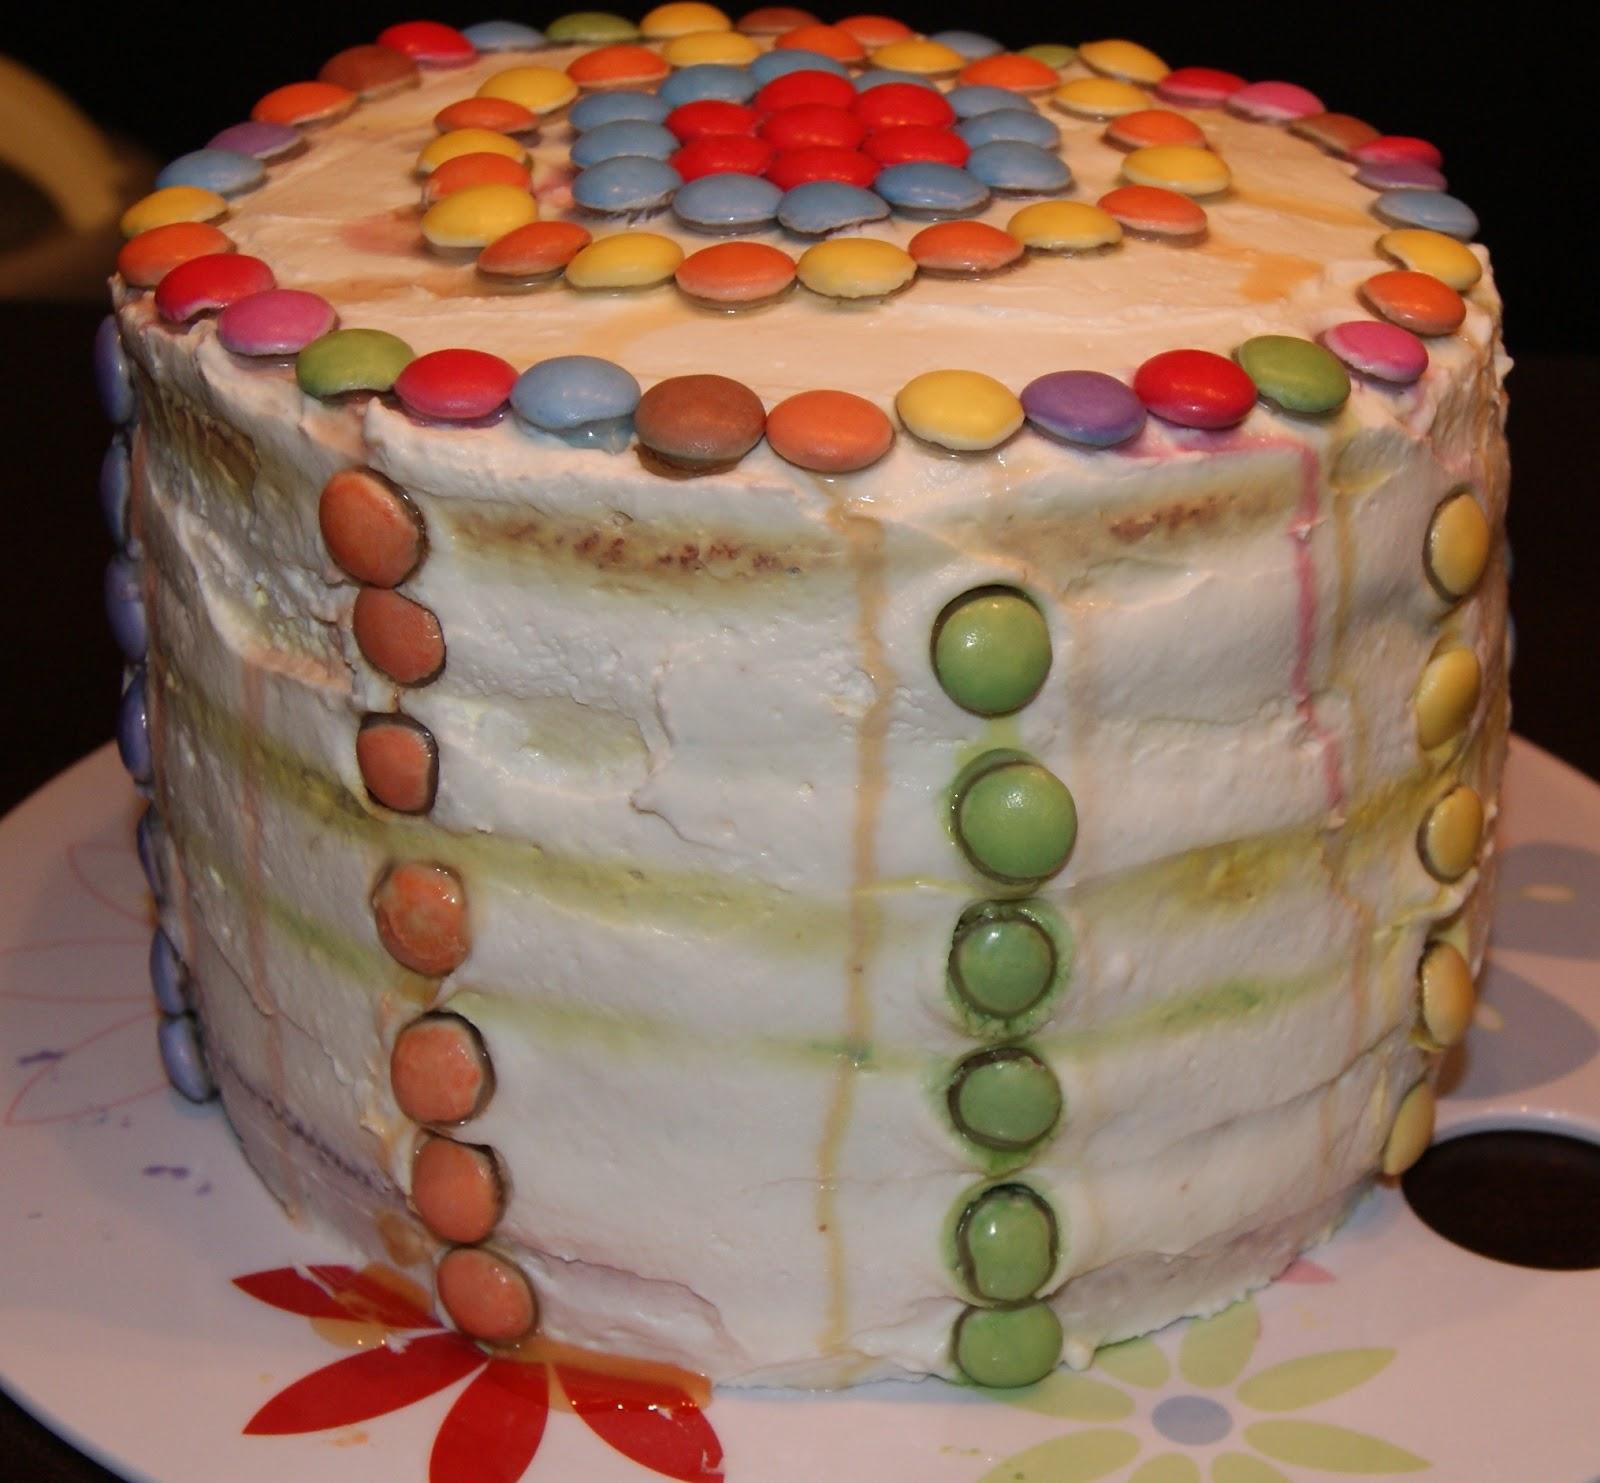 kugelrund und kunterbunt mission rainbow cake wir backen einen regenbogenkuchen. Black Bedroom Furniture Sets. Home Design Ideas